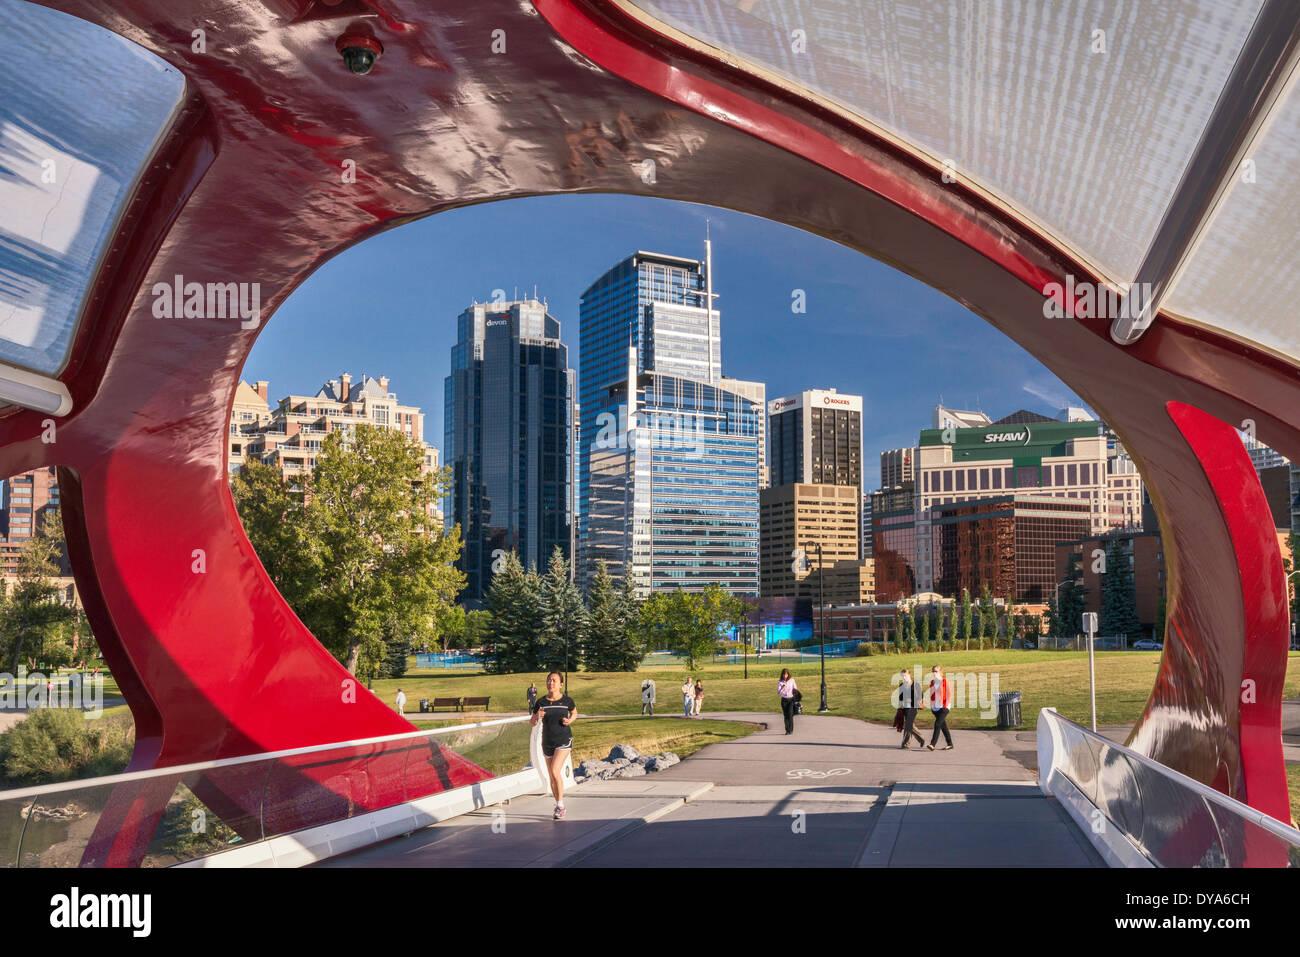 Passanti a ponte di pace, pedonale ponte sopra il Fiume Bow vicino al centro cittadino di Calgary, Alberta, Canada Immagini Stock